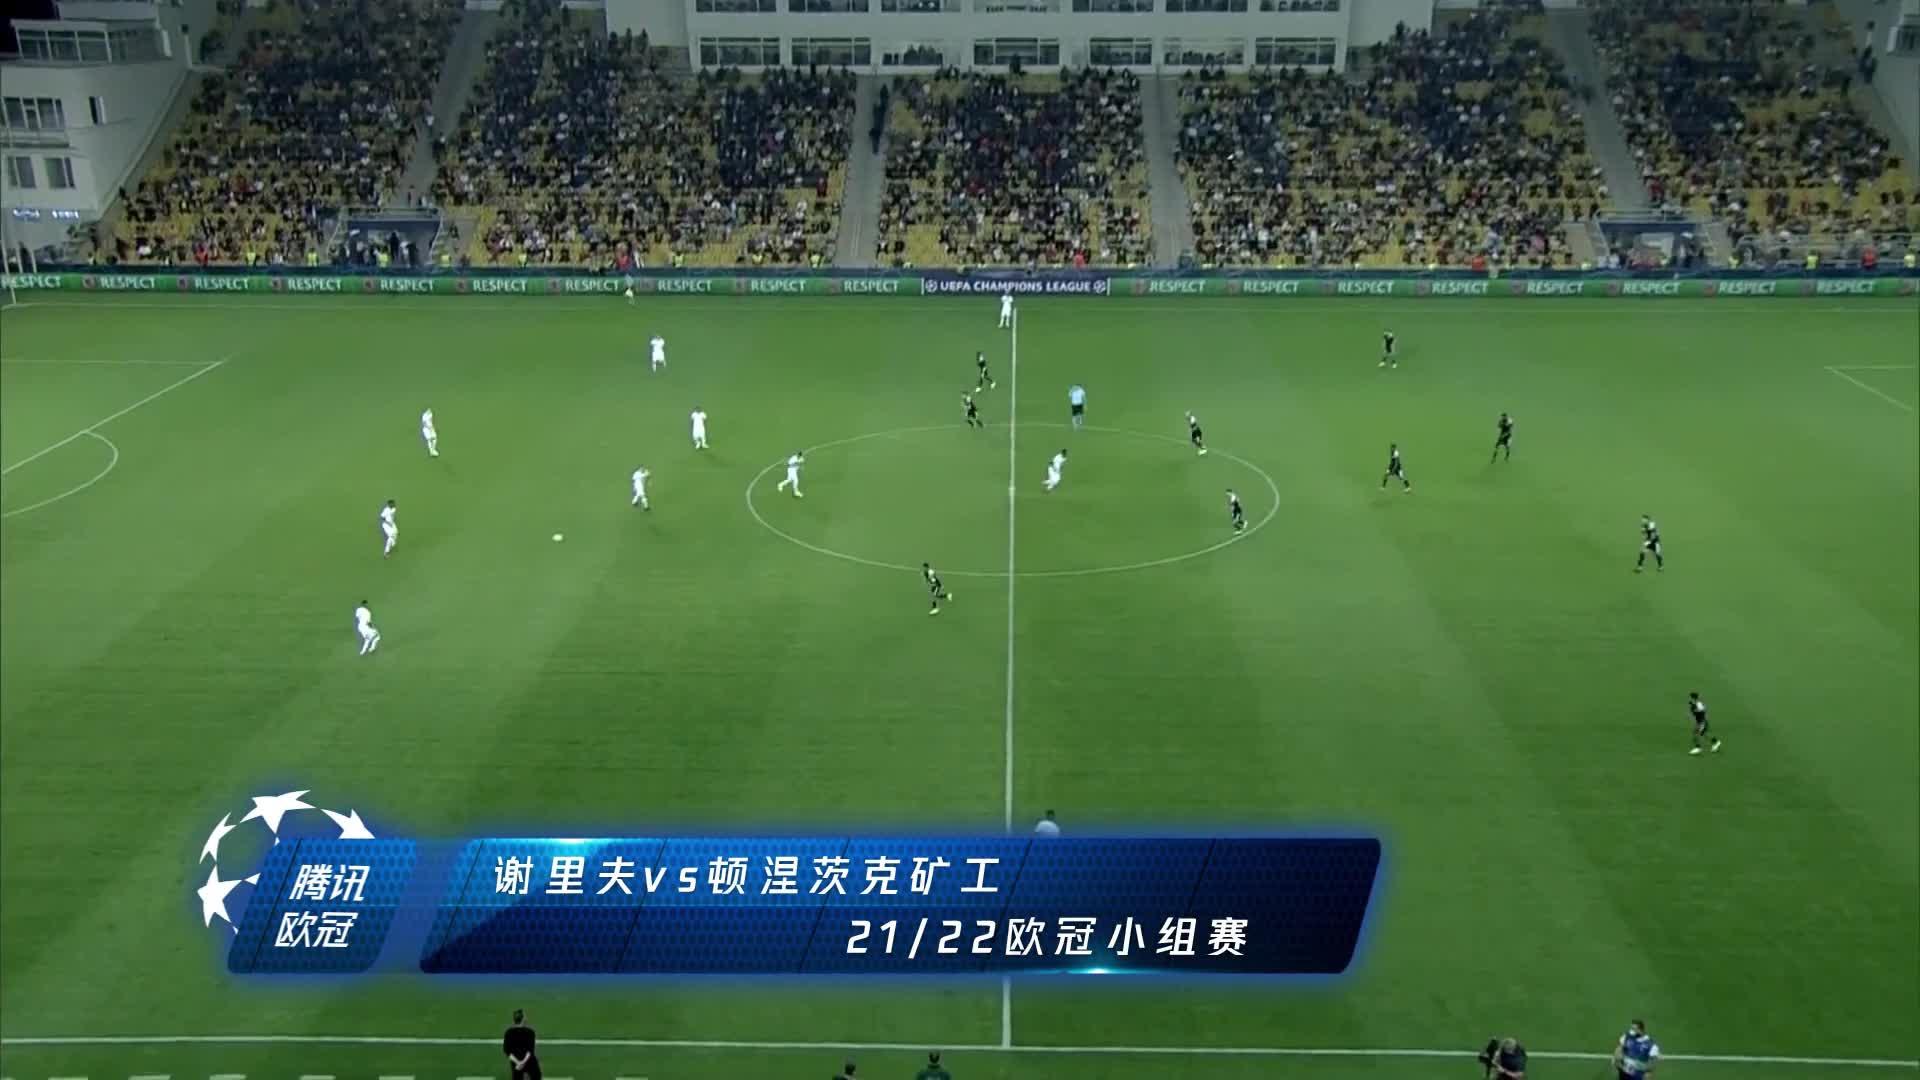 【集锦】欧冠-上下半场各入一球 谢里夫2-0顿涅茨克矿工